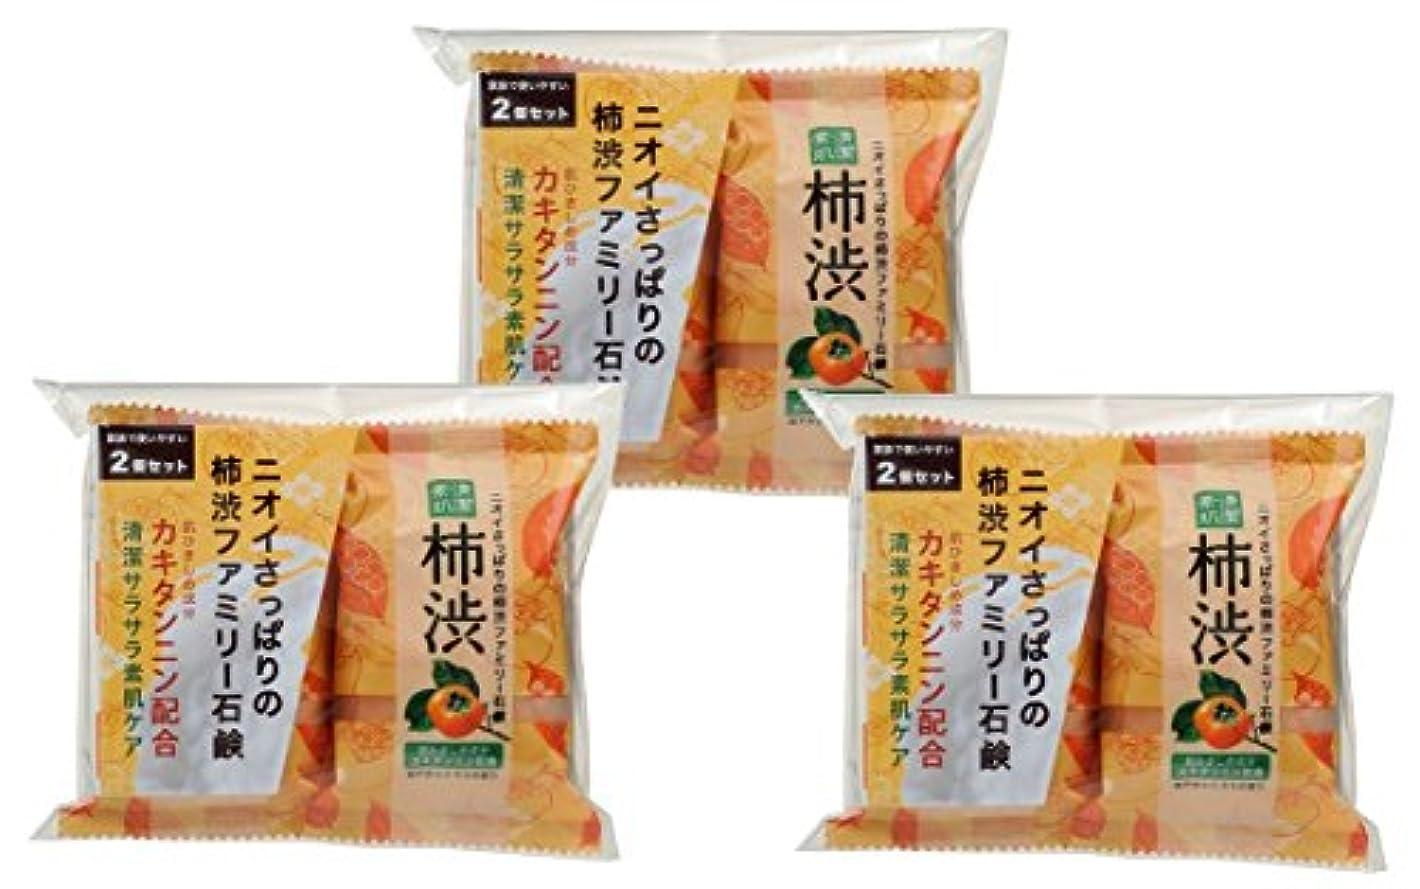 ジョージエリオット種失望させるペリカン石鹸 ファミリー 柿渋石けん (80g×2個) ×3個パック